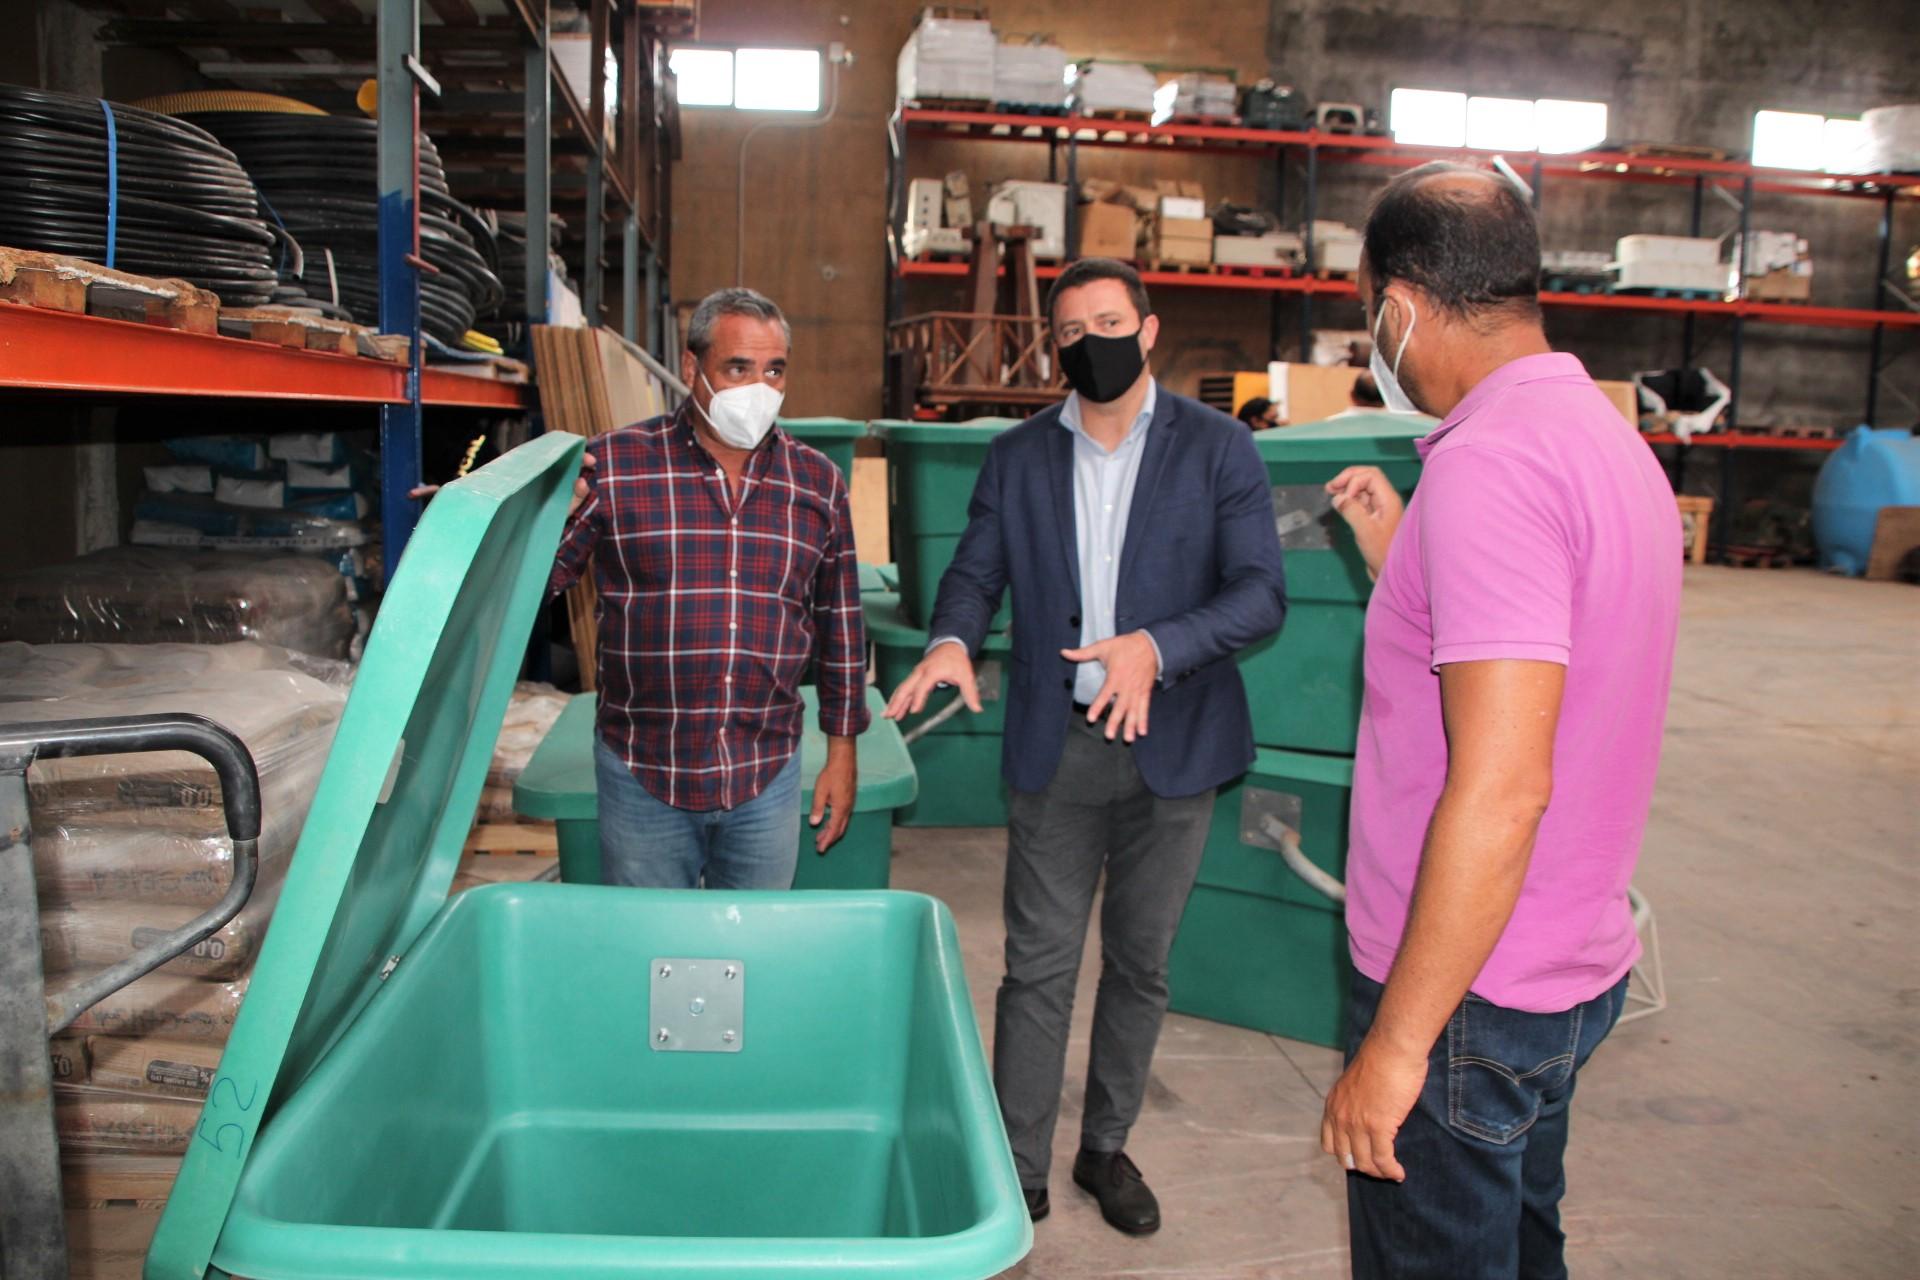 El Servicio Insular Agrario entrega 12 contenedores de animales al Ayuntamiento de Yaiza